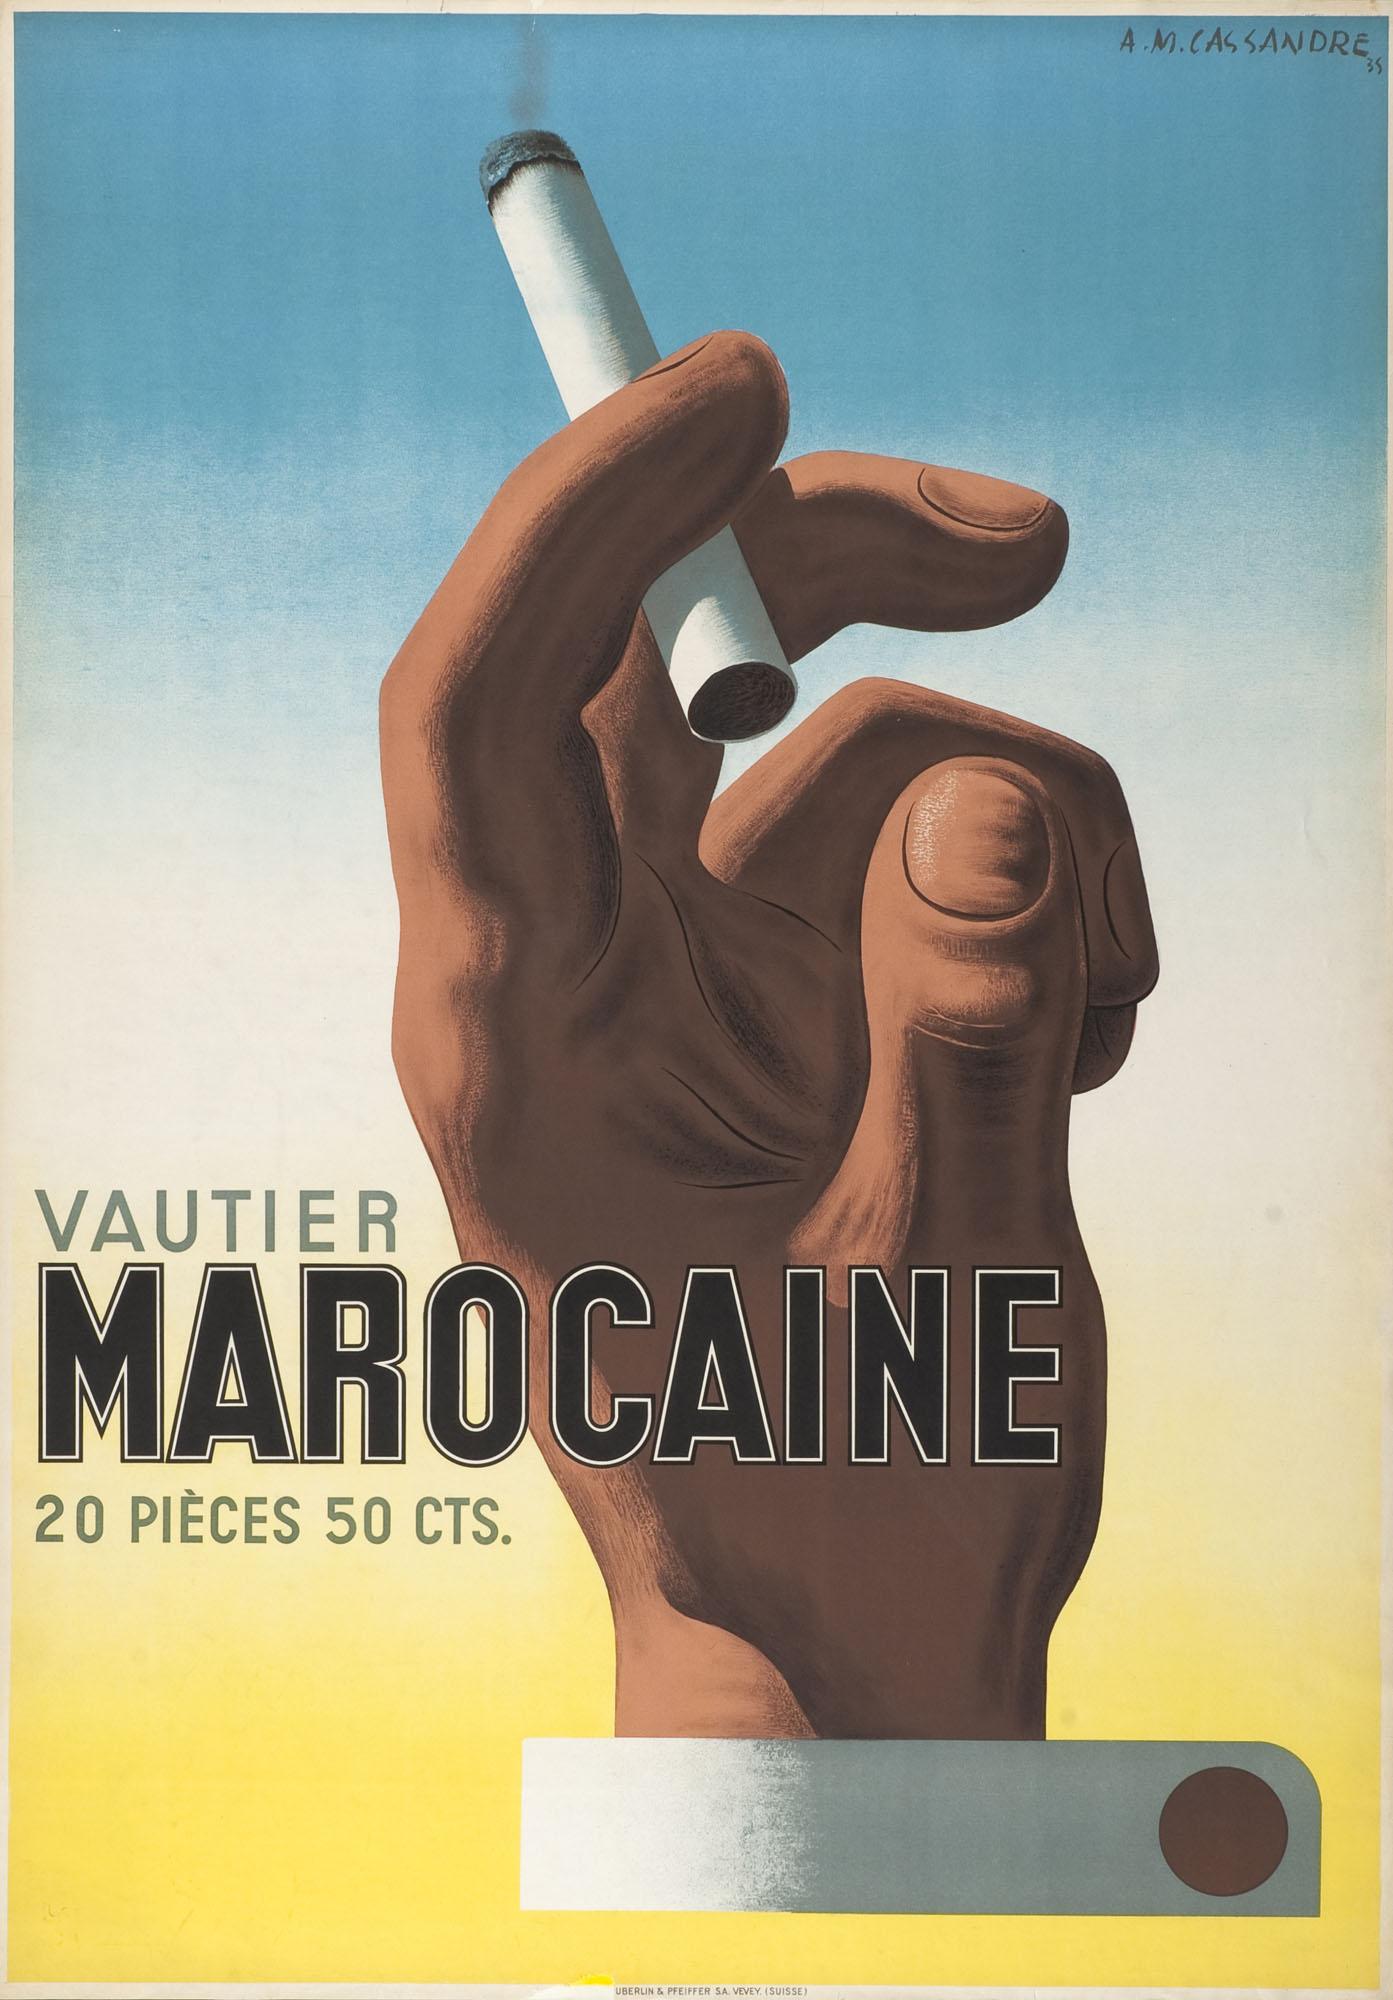 Vautier César Adolphe Mouron Cassandre Poster